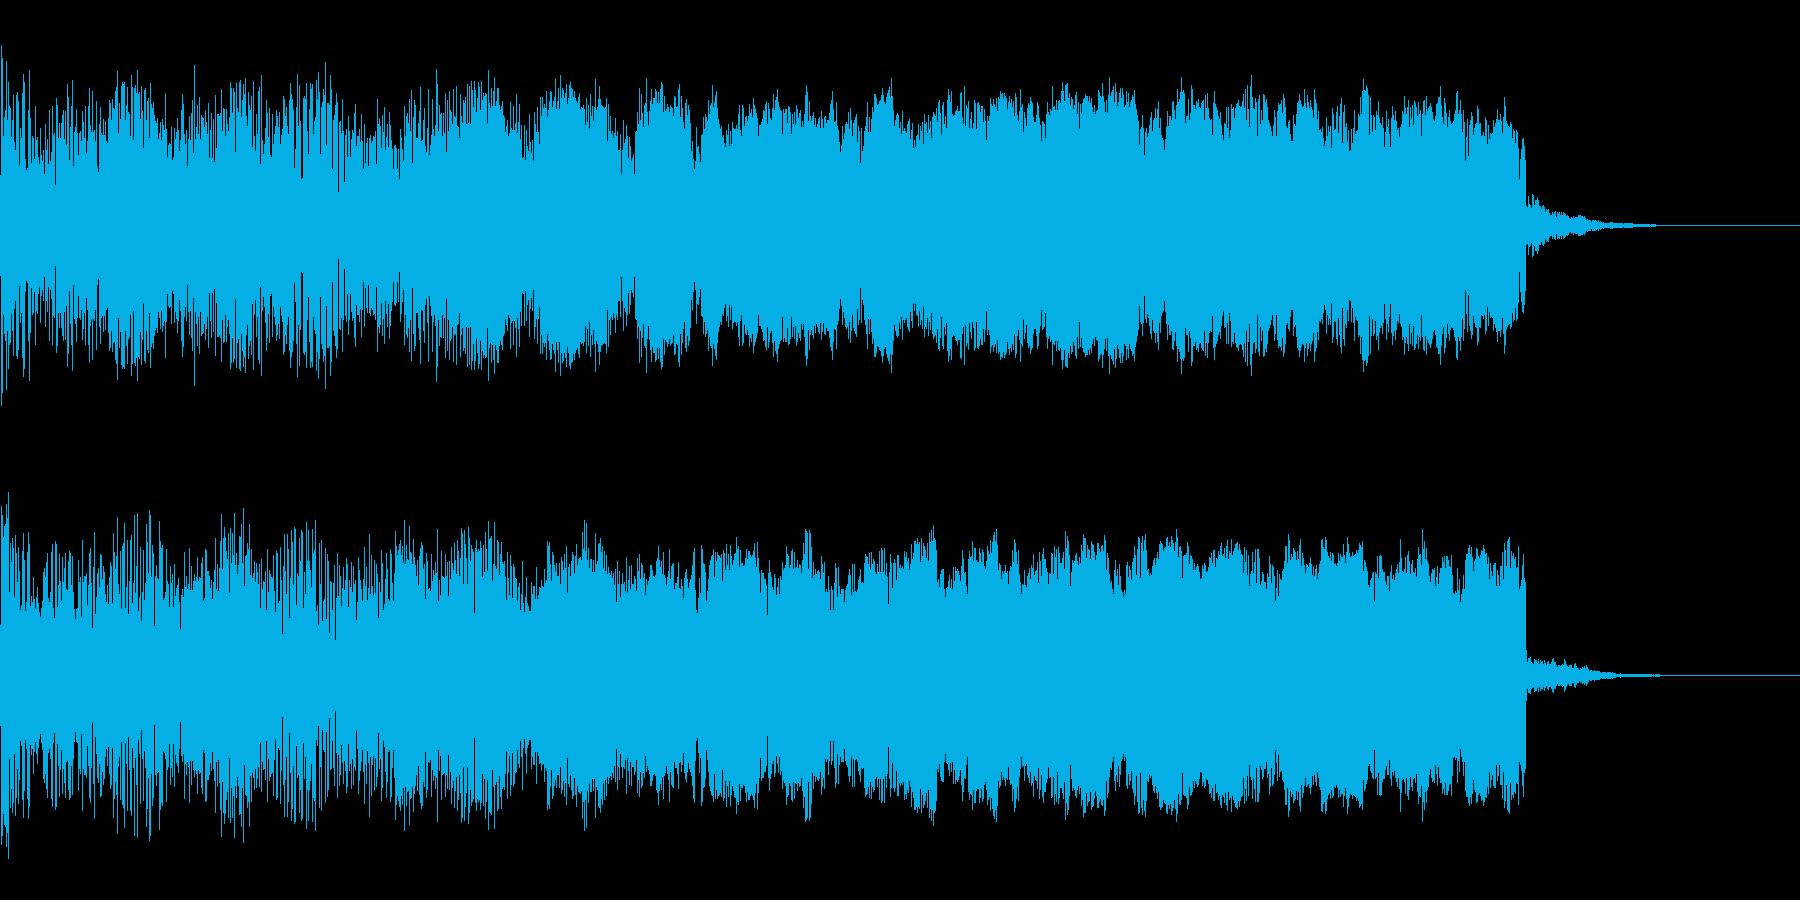 上昇音の再生済みの波形